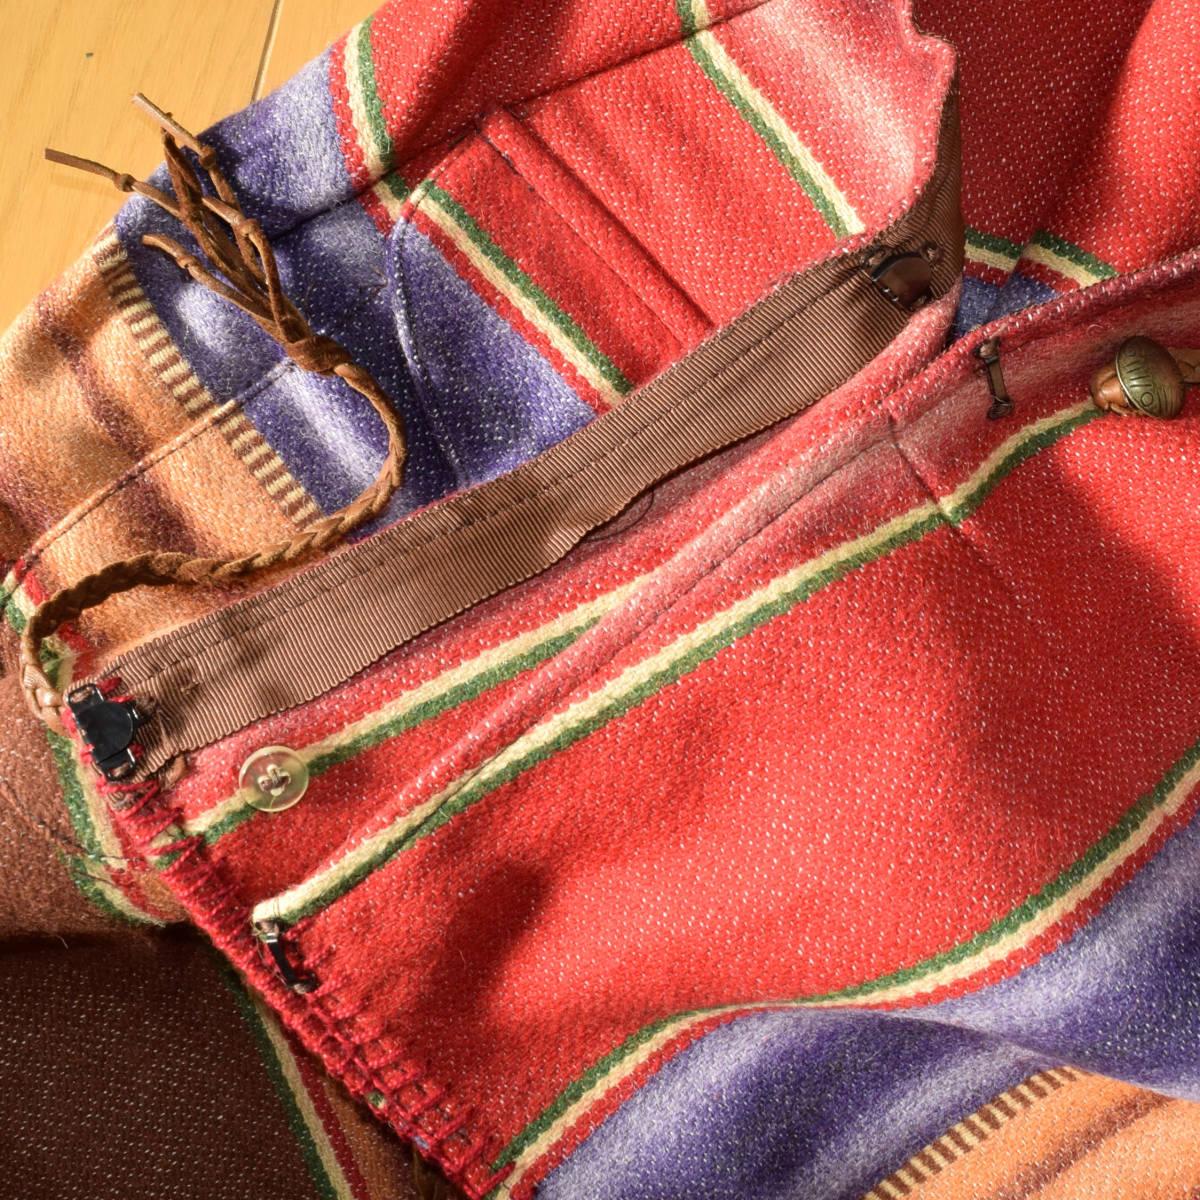 美品!USA製 ポロカントリー ネイティブ柄 ブランケット S ラグ ロング 巻きスカート コンチョ付 古着 ナバホ インディアン ビンテージ_画像9